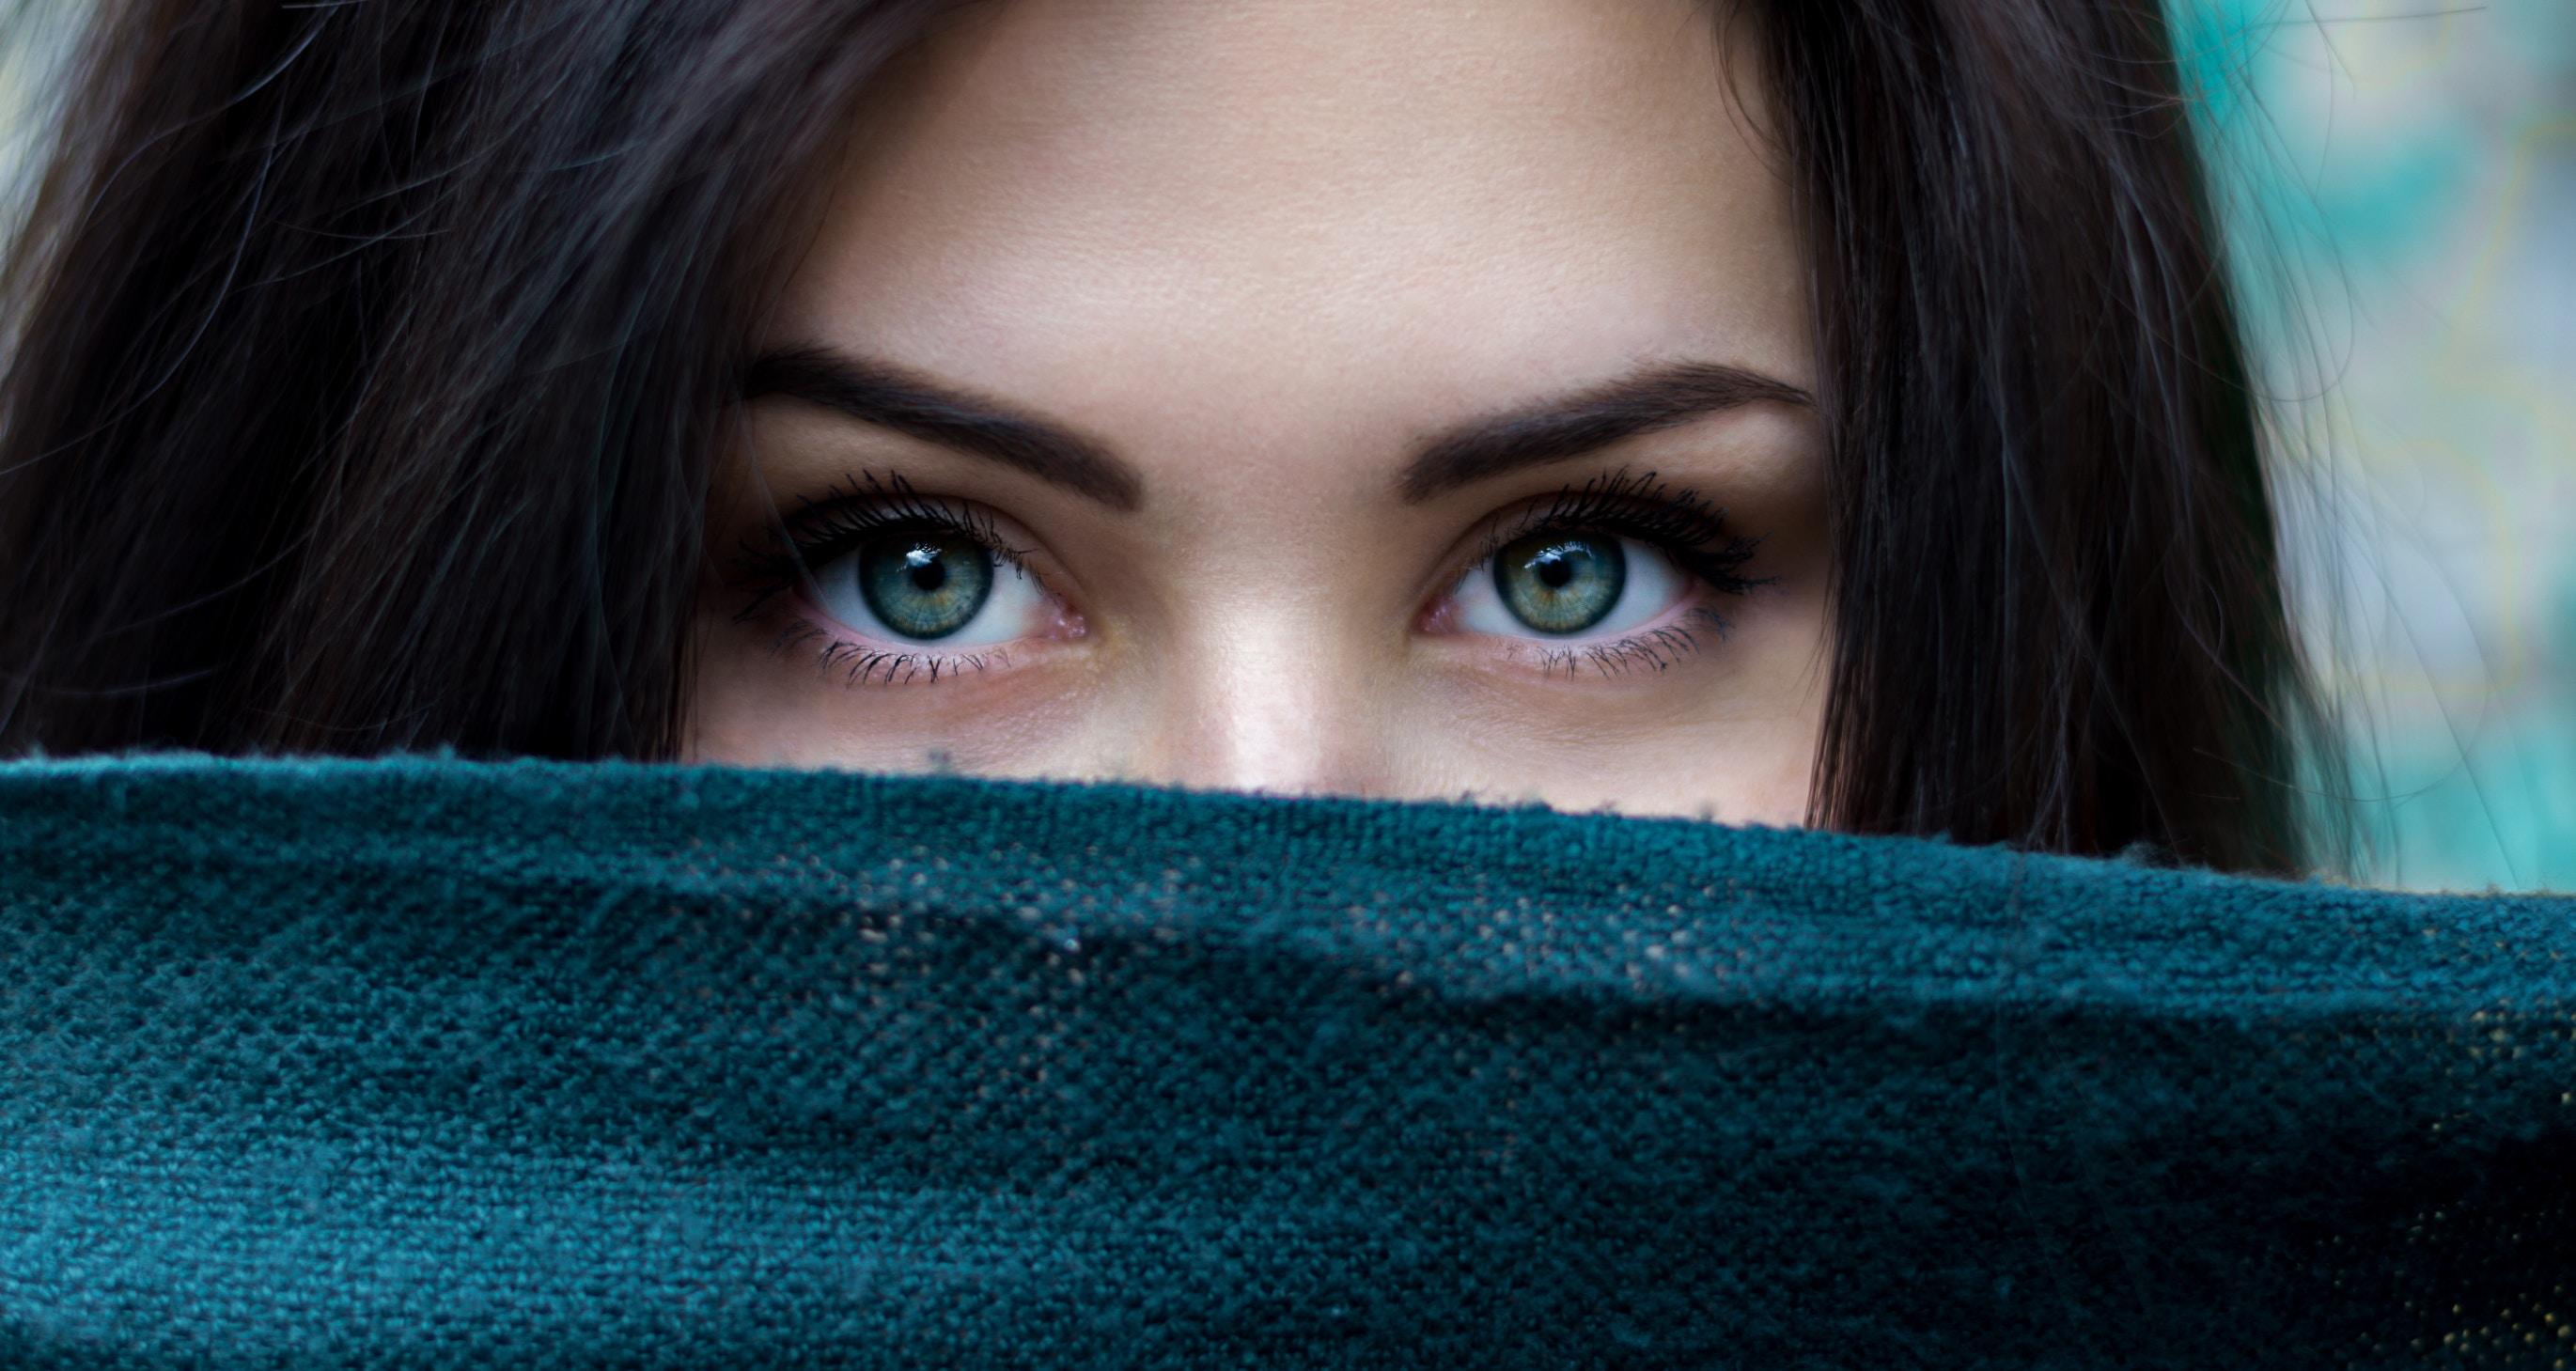 Disocijacija je odvajanje od osjećaja koji ste imali 'oko' svoje traume. To je način da se zaštitite kada ste povrijeđeni ili zlostavljani kao dijete. Pogotovo kad vas povrijede oni koji bi vam trebali pomoći...